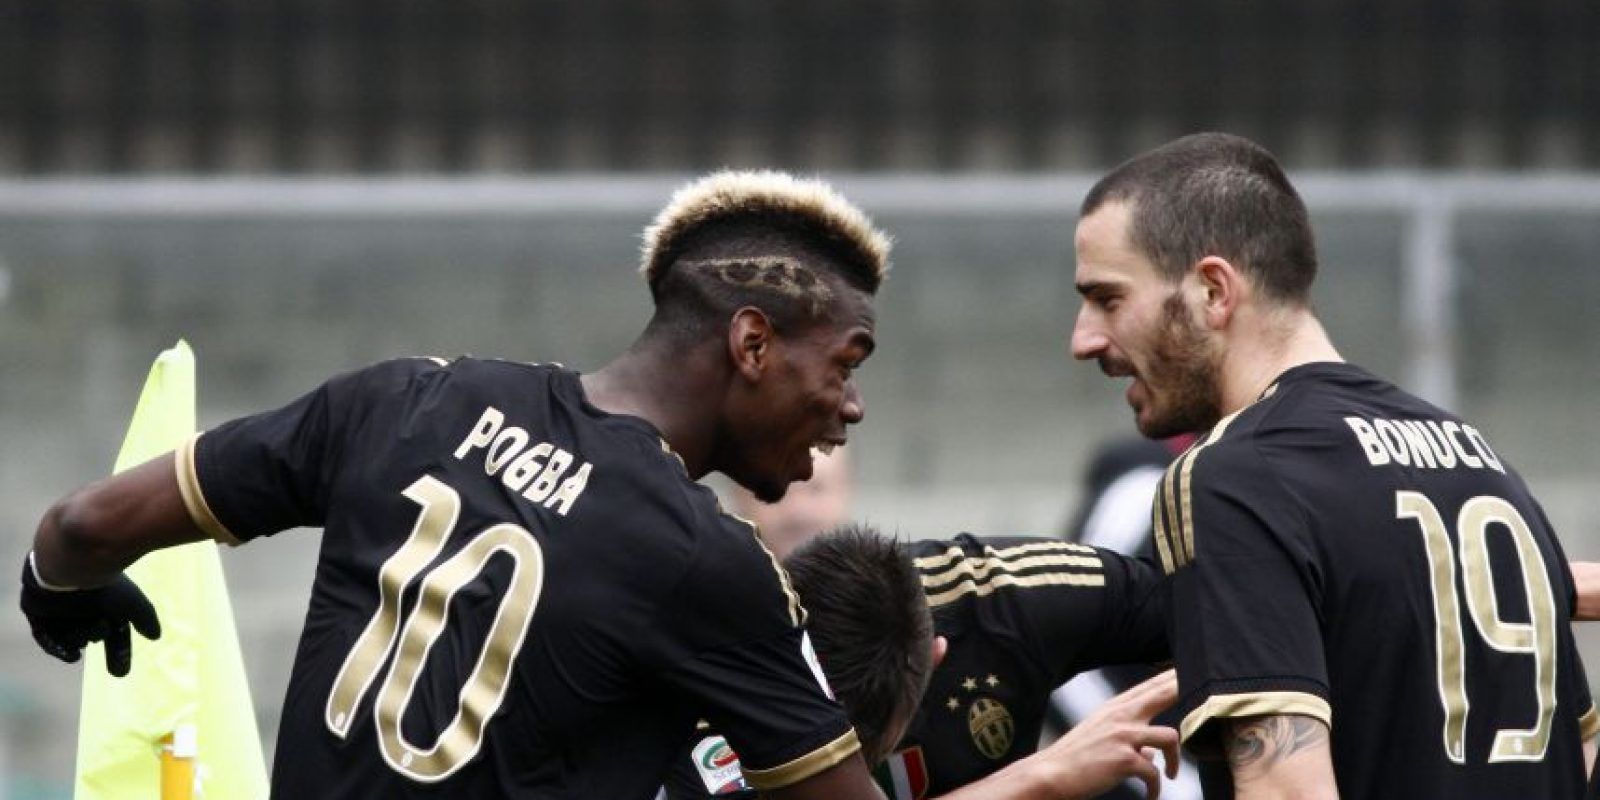 El francés Paul Pogba celebra uno de los goles de la Juve. Foto:AP